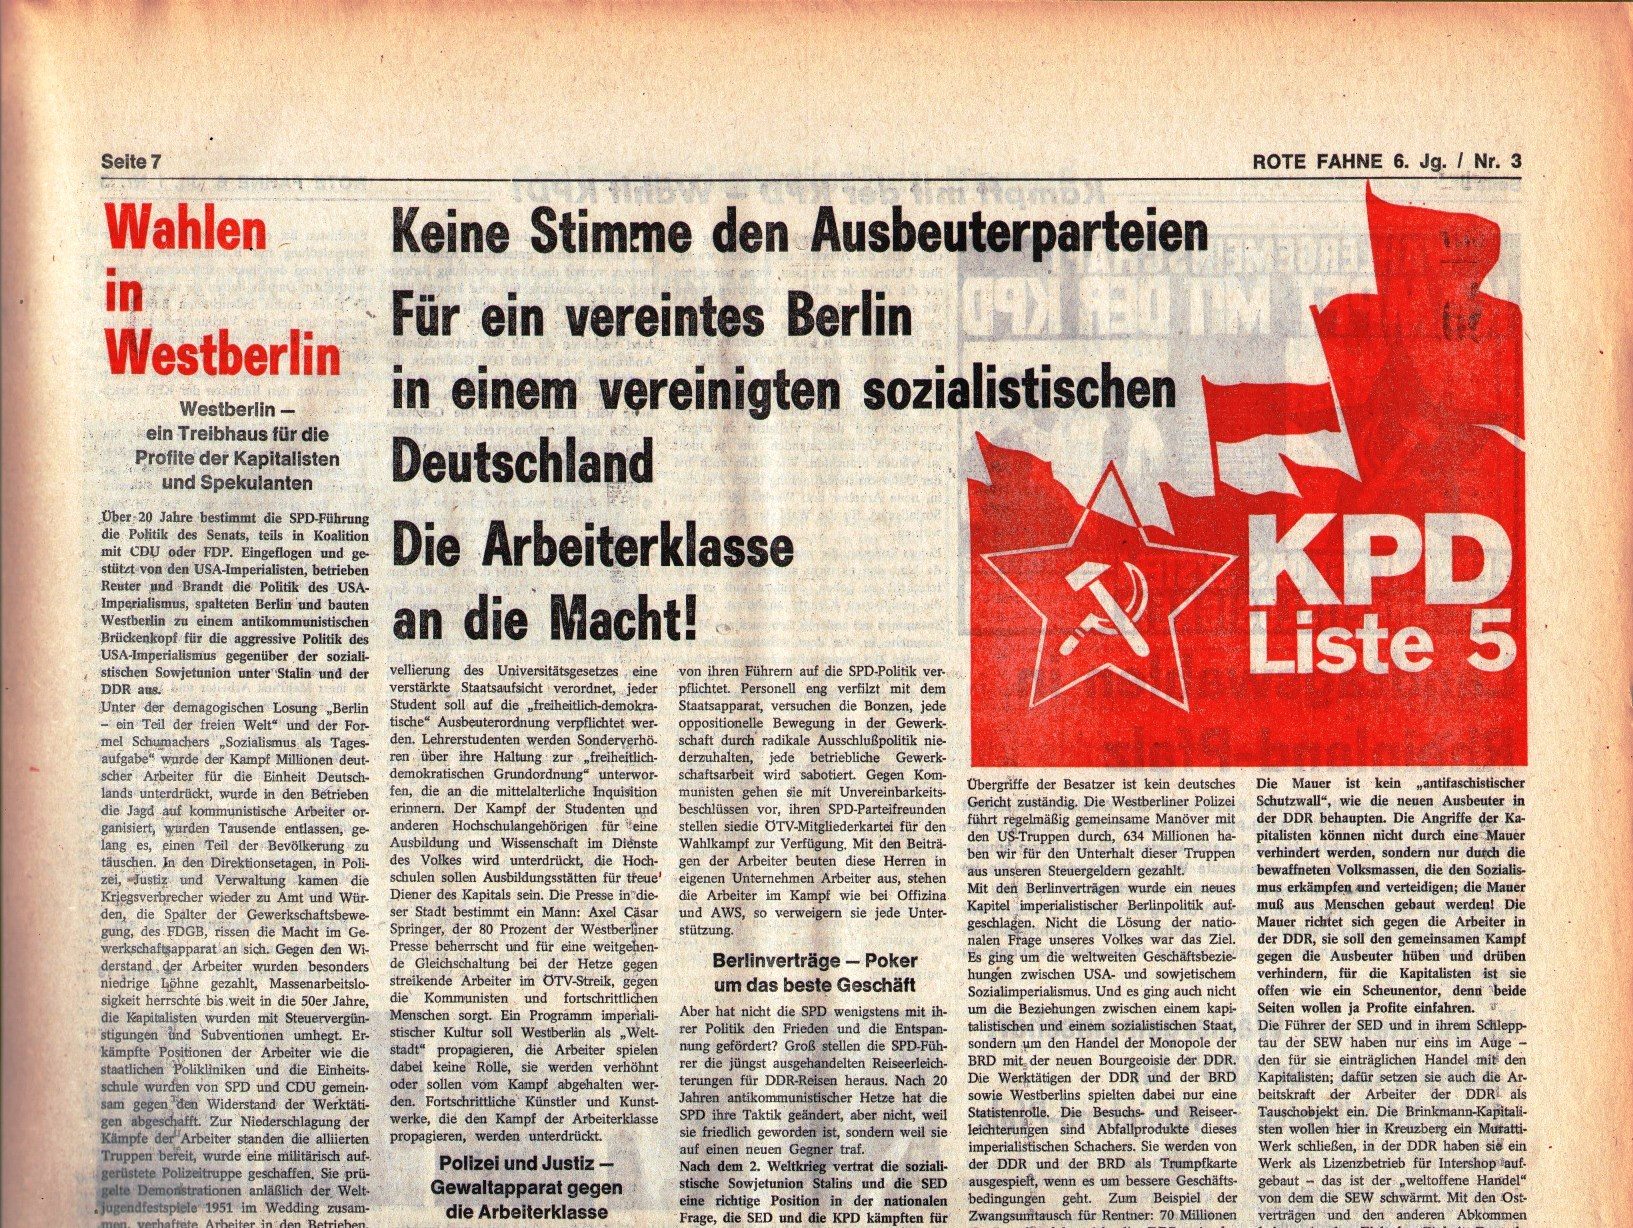 KPD_Rote_Fahne_1975_03_13